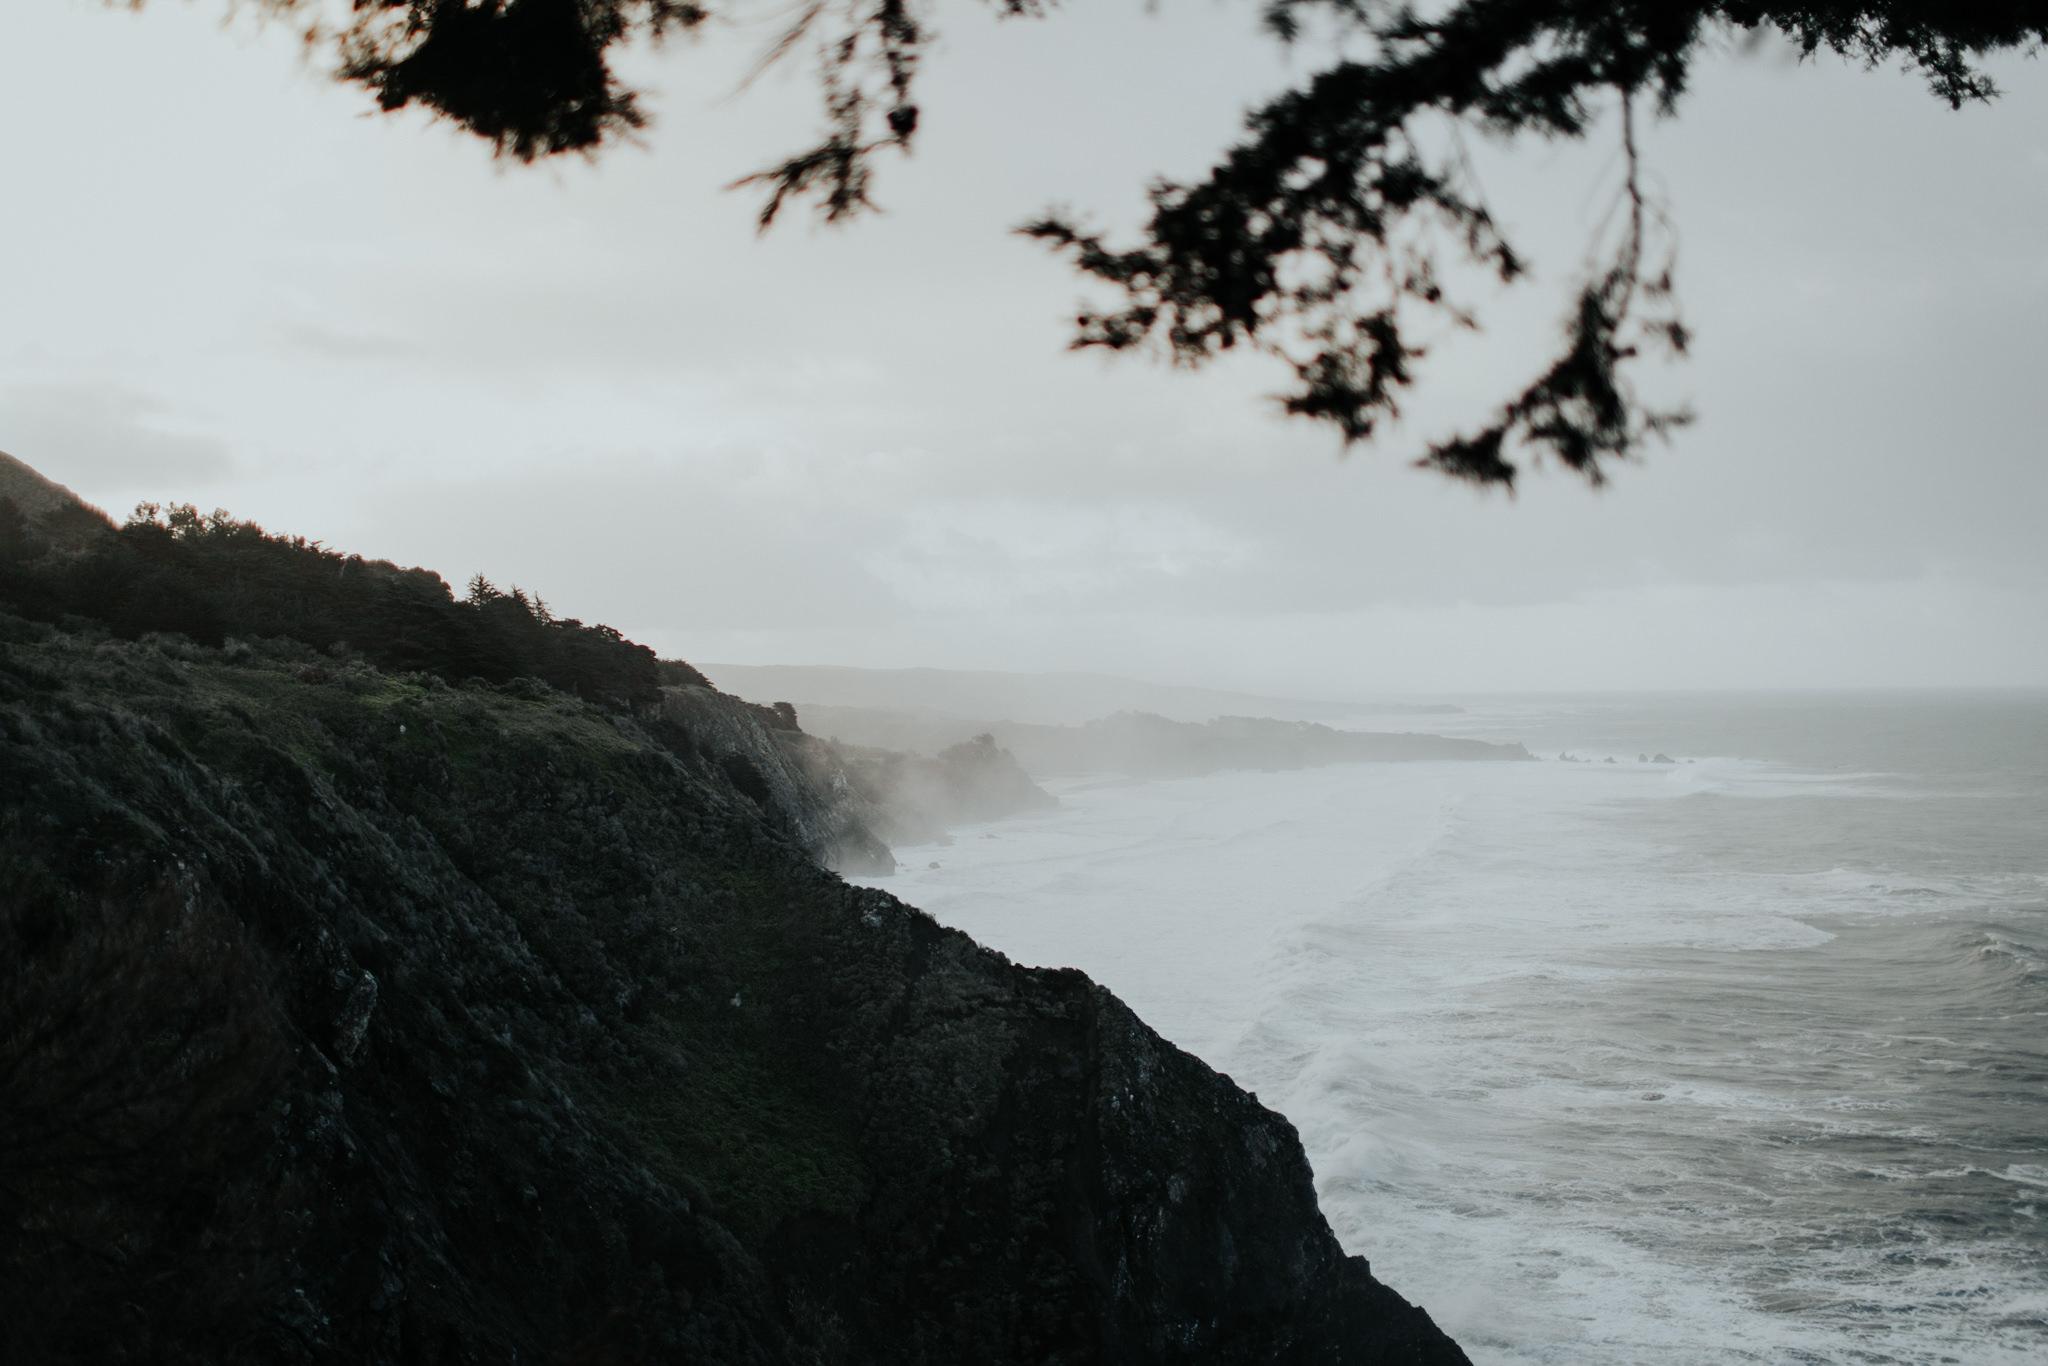 big sur coast at sunrise ragged point inn cliffs at dawn